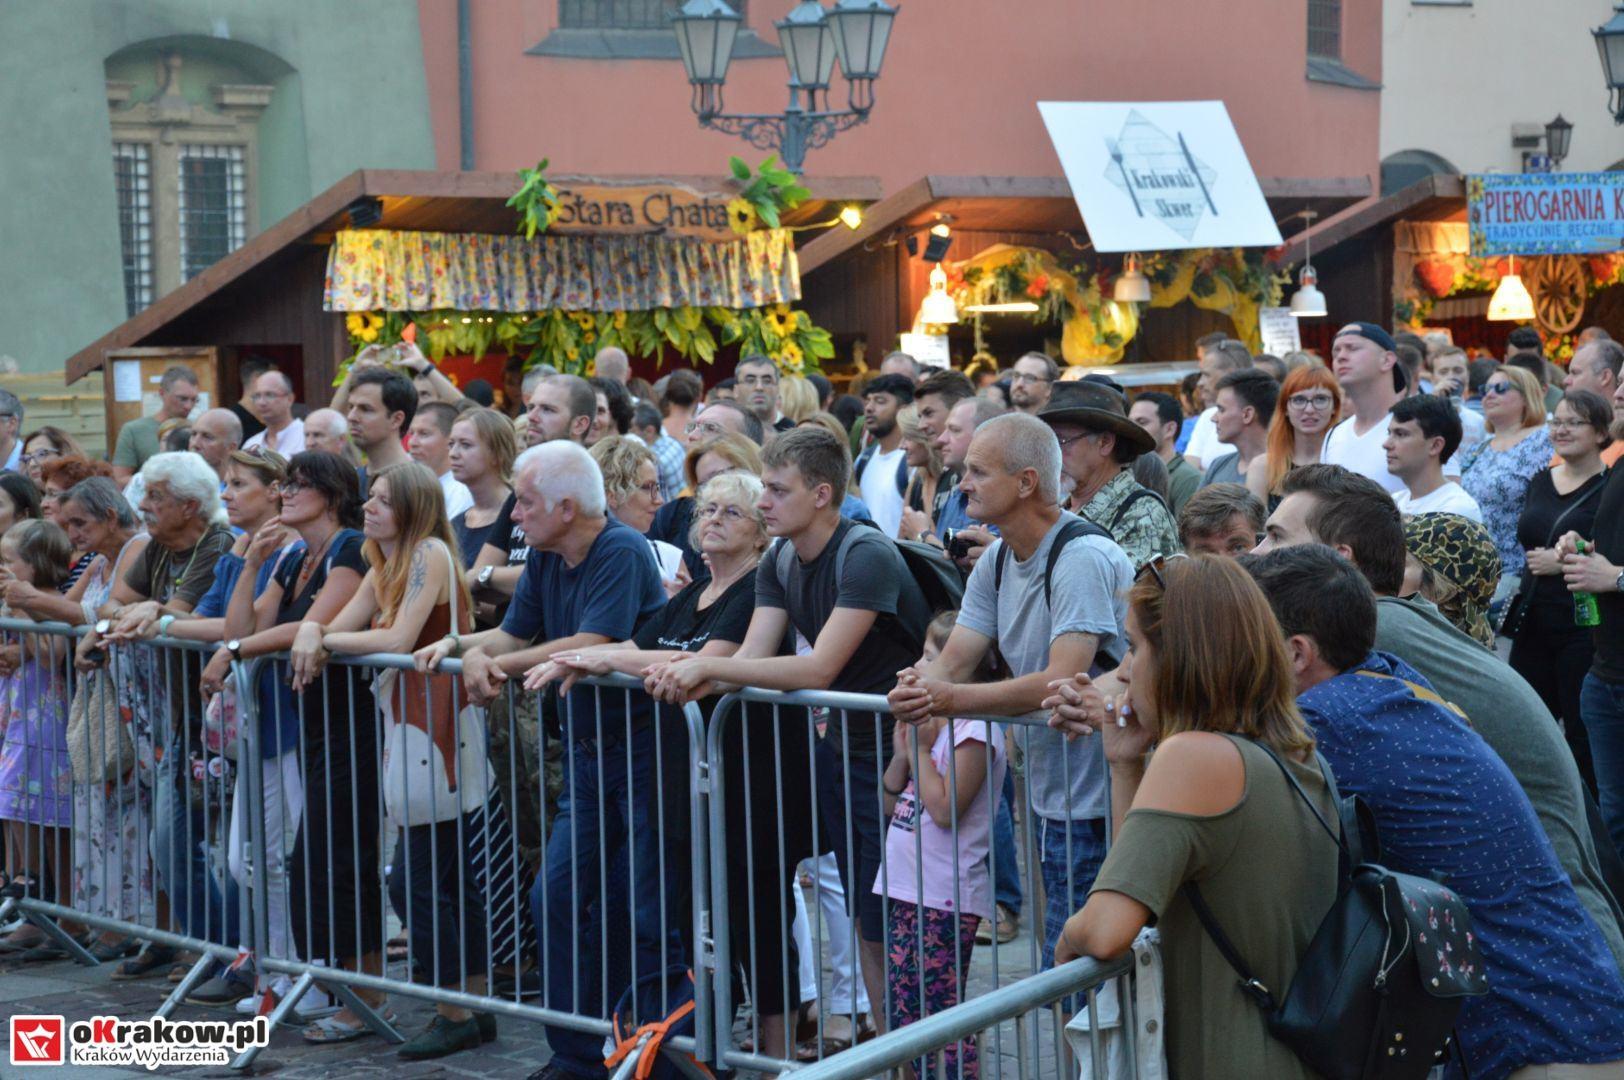 krakow festiwal pierogow maly rynek koncert cheap tobacco 163 150x150 - Galeria zdjęć Festiwal Pierogów Kraków 2018 + zdjęcia z koncertu Cheap Tobacco